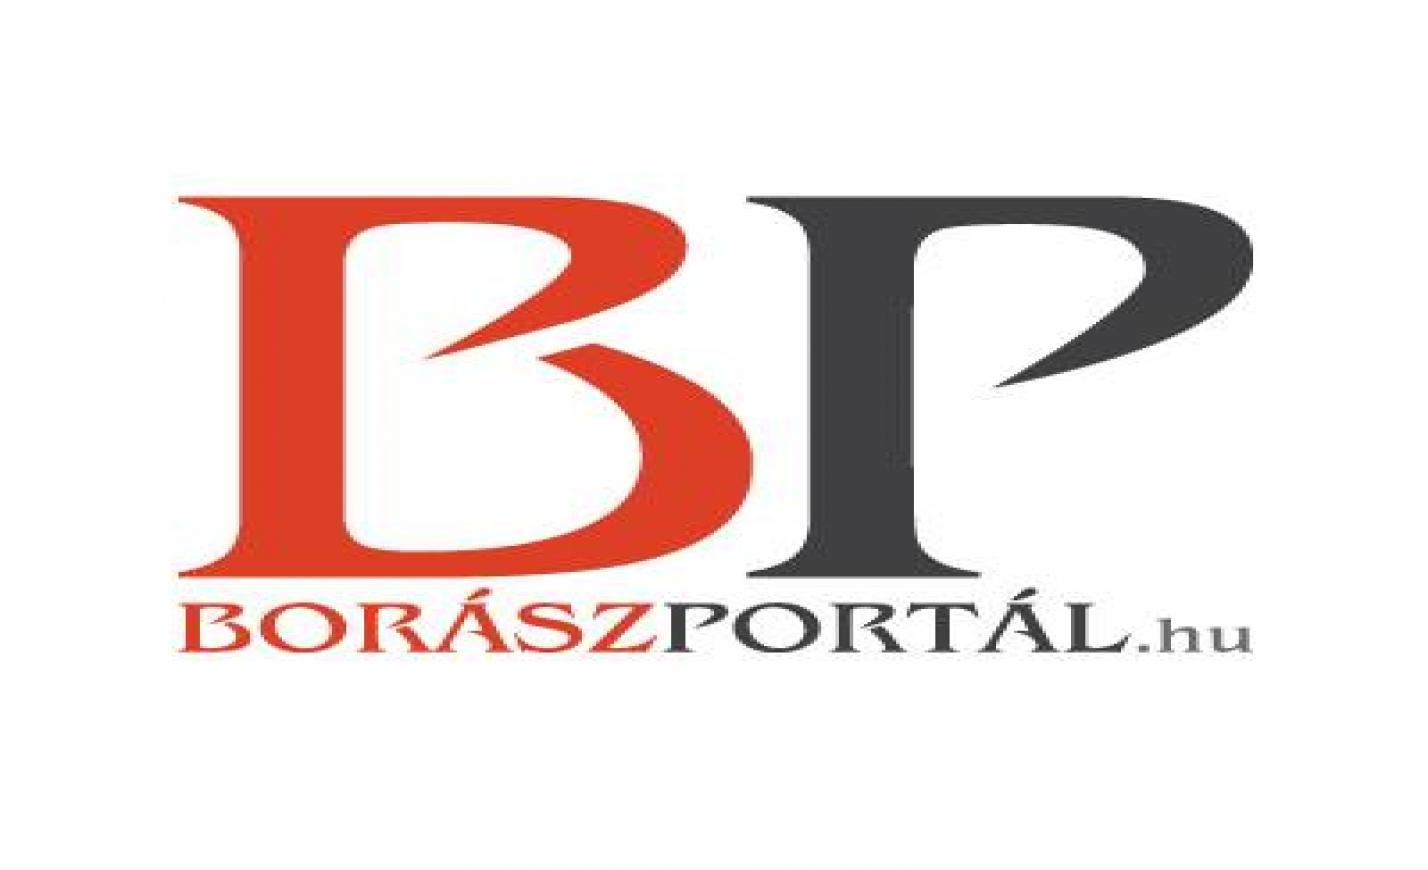 Állásajánlat: munkatársat keresnek Magyarország legszebb borászatába